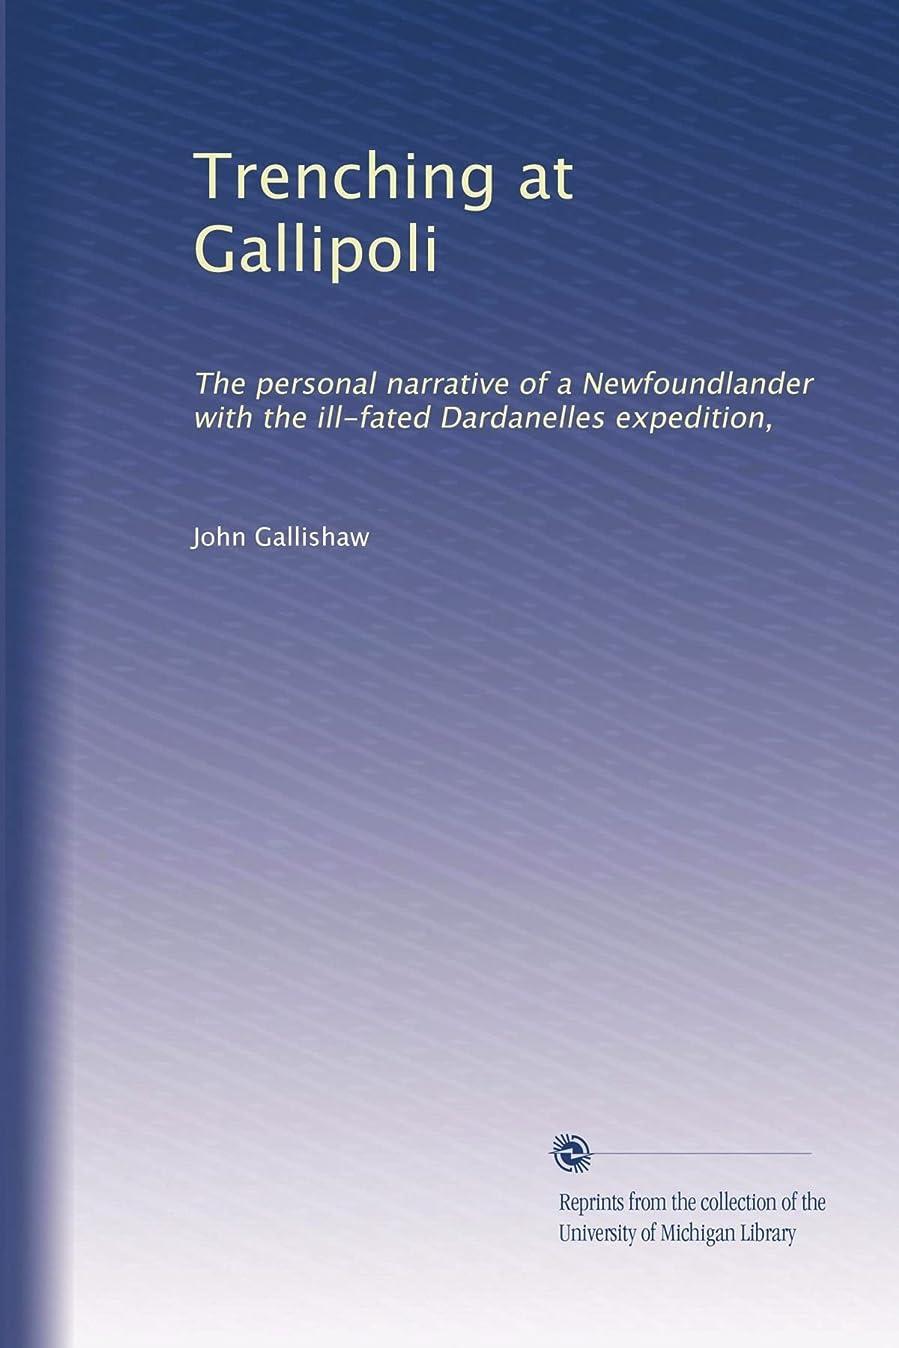 引用アパート計算可能Trenching at Gallipoli: The personal narrative of a Newfoundlander with the ill-fated Dardanelles expedition,